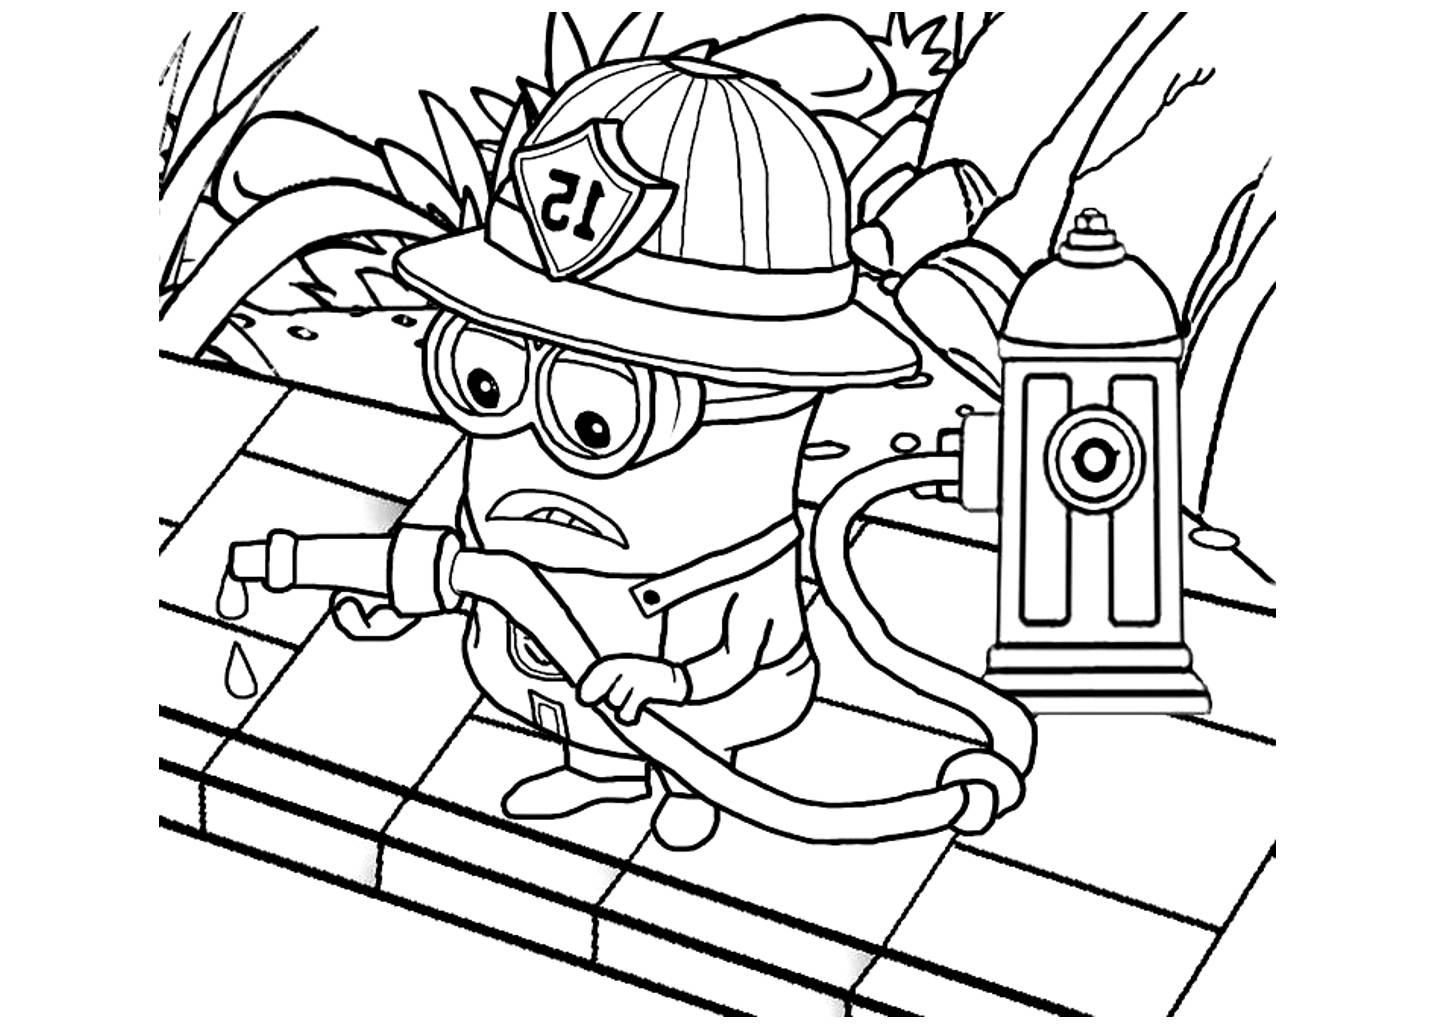 Coloriage les minions gratuit - dessin a imprimer #50